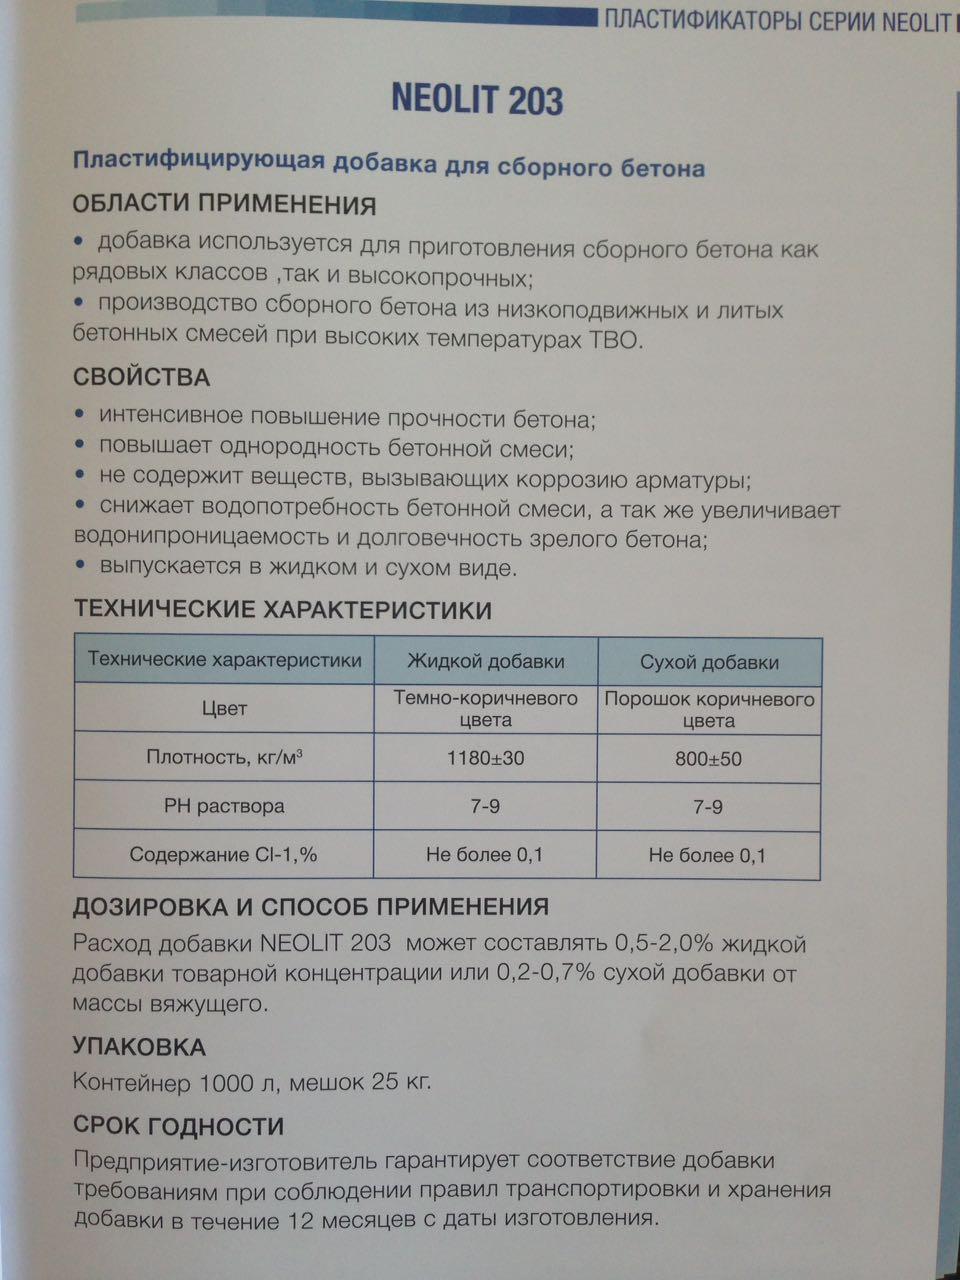 Расход добавки в бетонную смесь купить заменитель бетона в нижнем новгороде